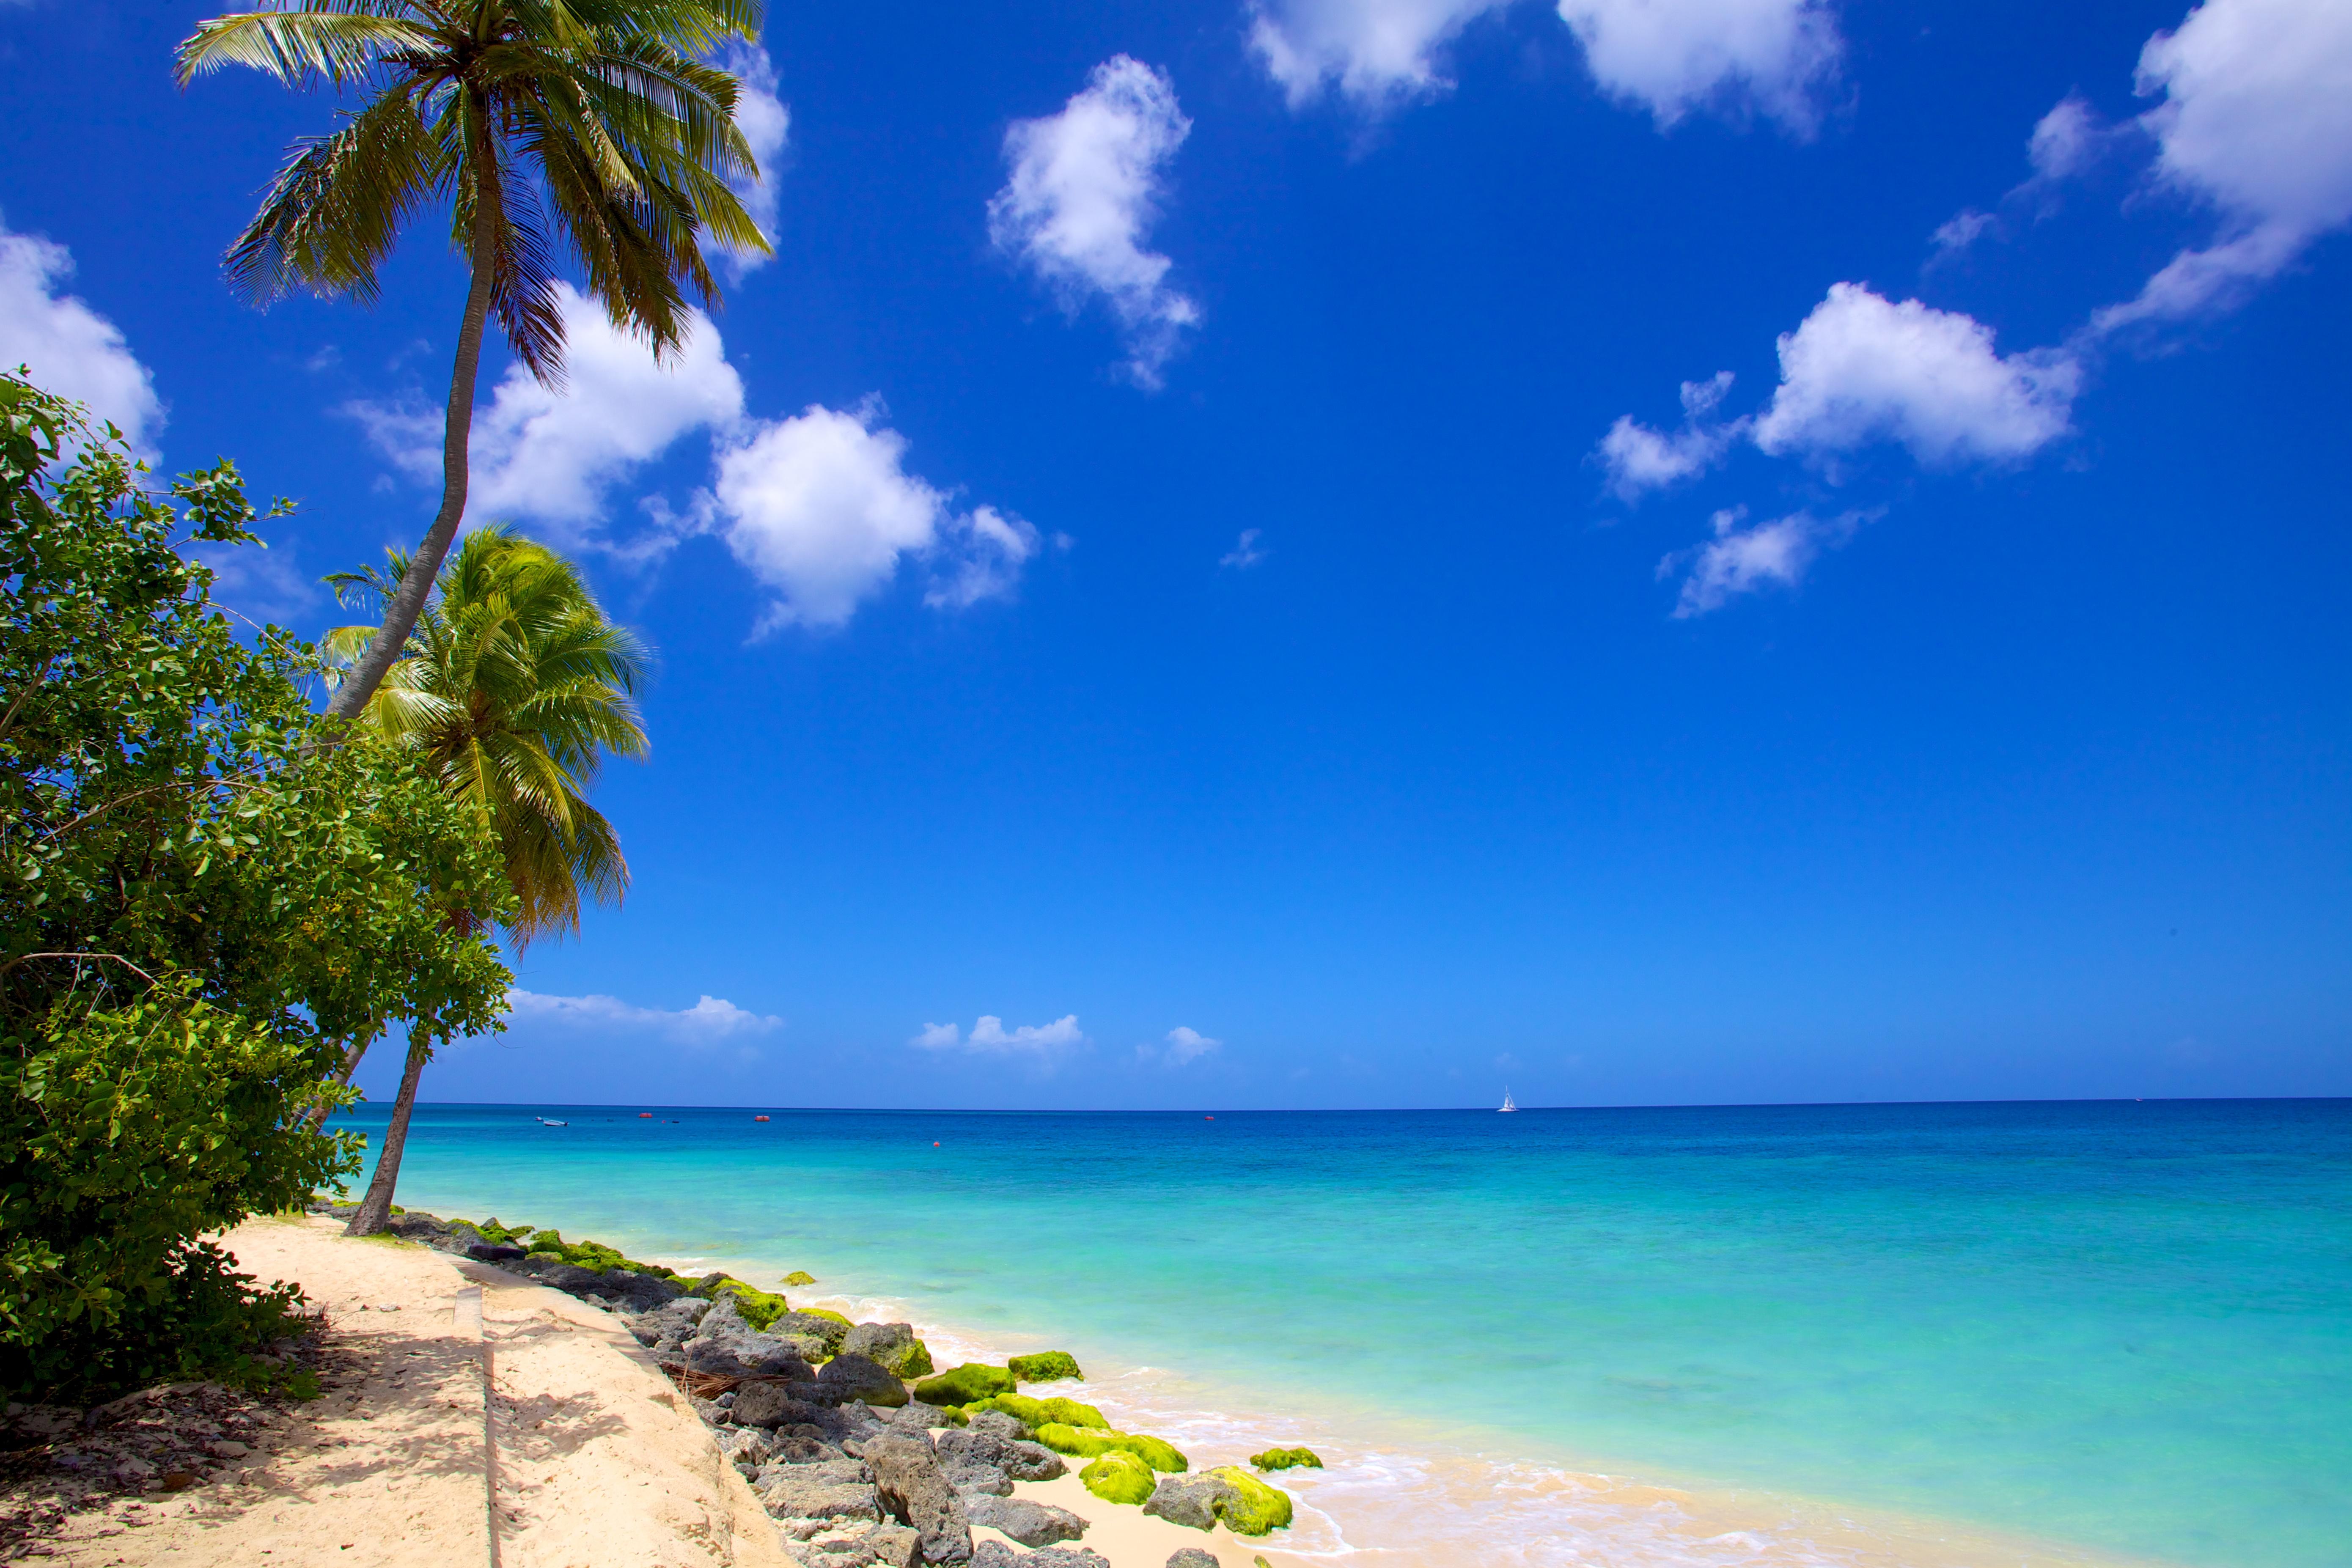 barbados_paradise_beachIMG_8487.jpg?1572974293